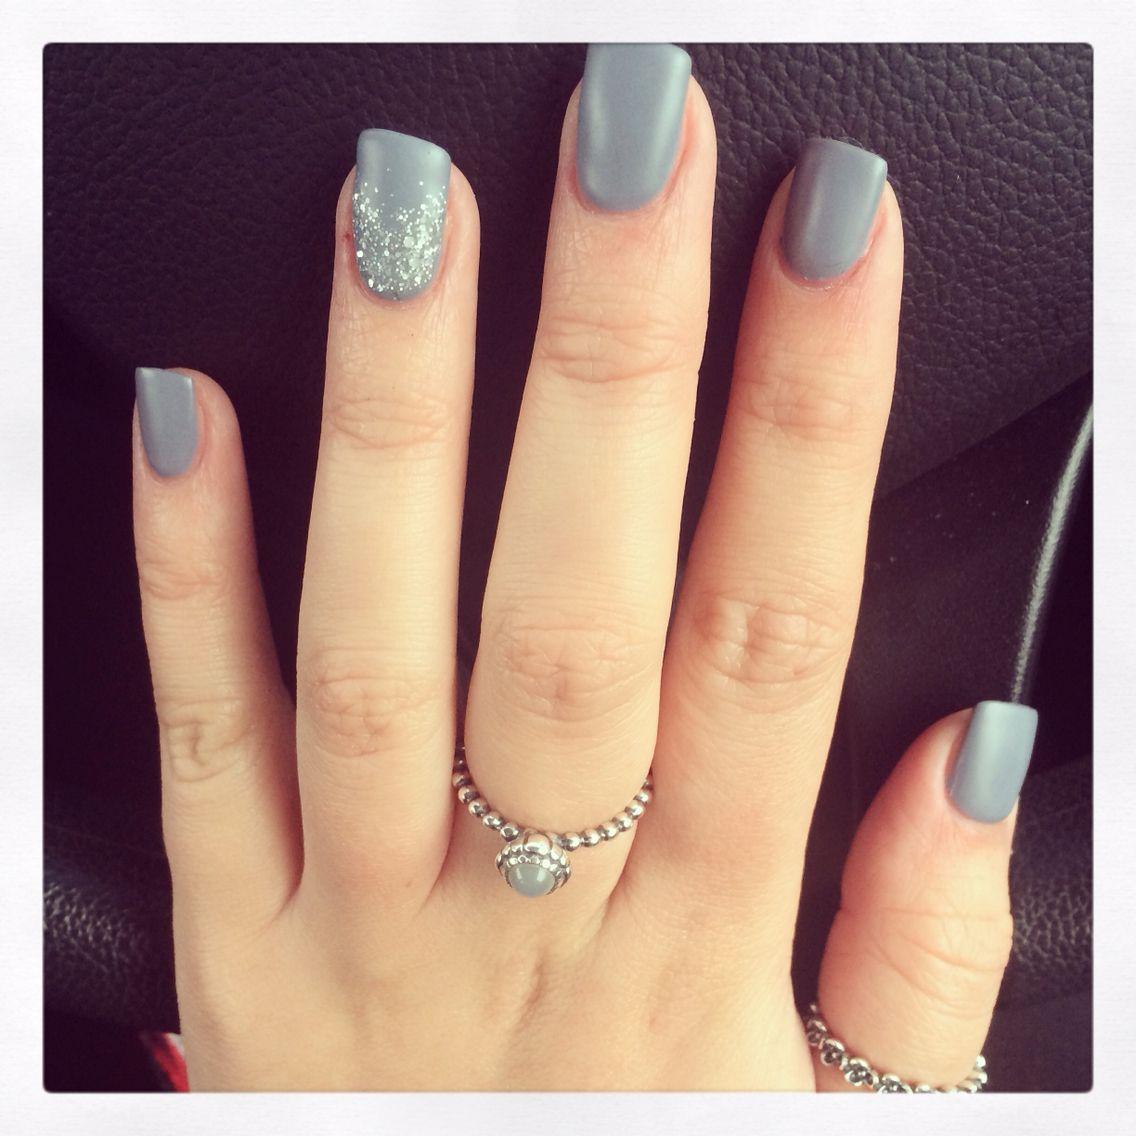 Matte grey acrylic nails | nails | Pinterest | Makeup, Nails games ...